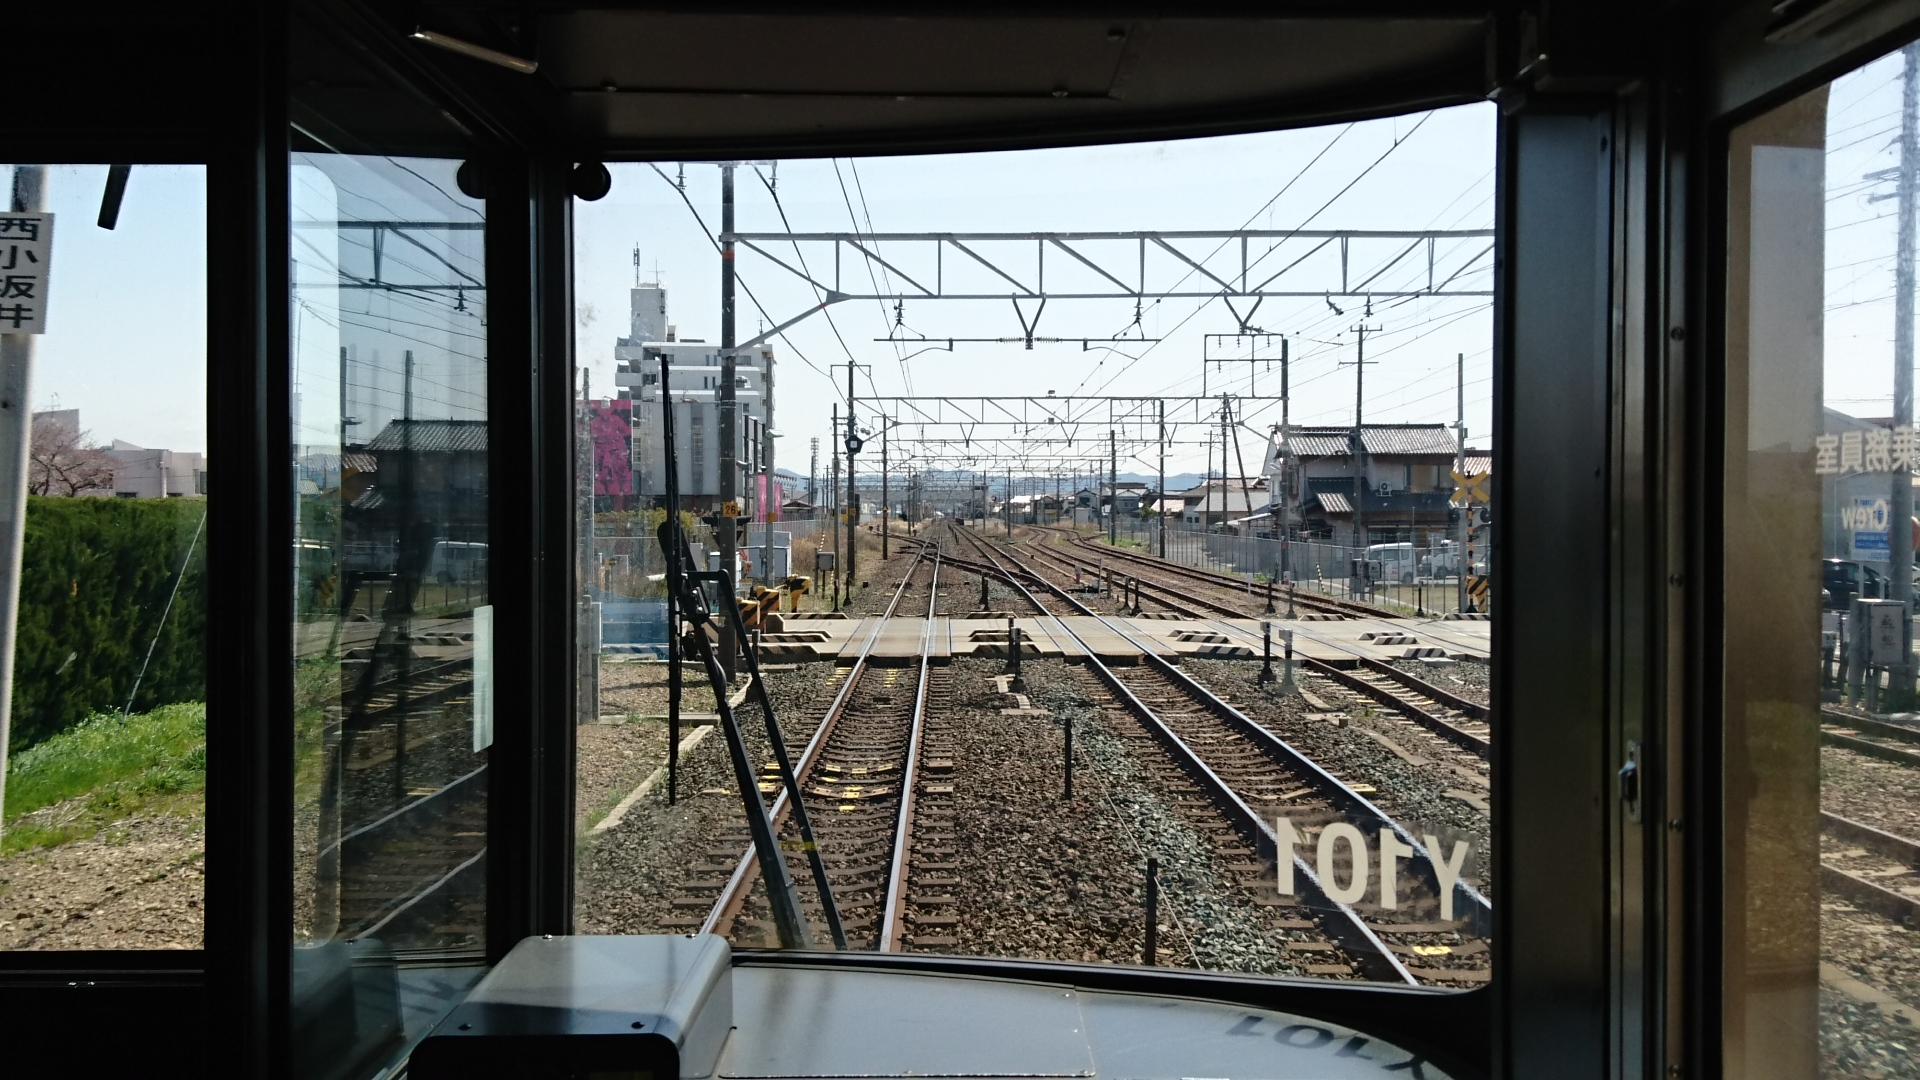 2018.3.23 東海道線 (22) 豊橋いき快速 - 西小坂井てまえ 1920-1080